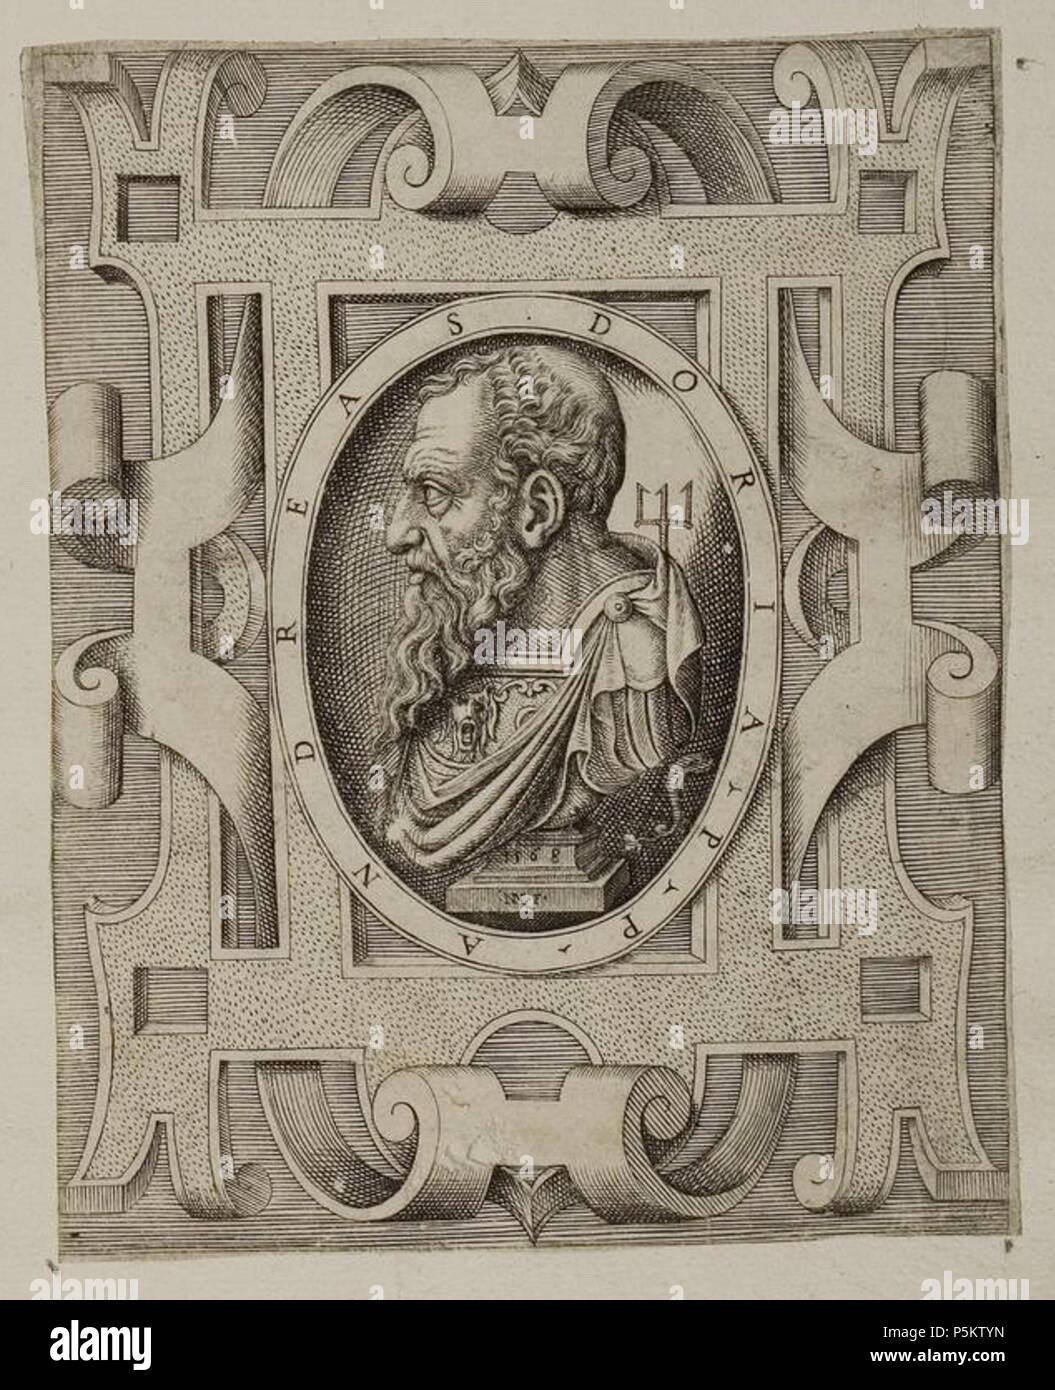 5907020b6d9d N/A. Grafik aus dem Klebeband Nr. 1 der Fürstlich Waldeckschen  Hofbibliothek Arolsen